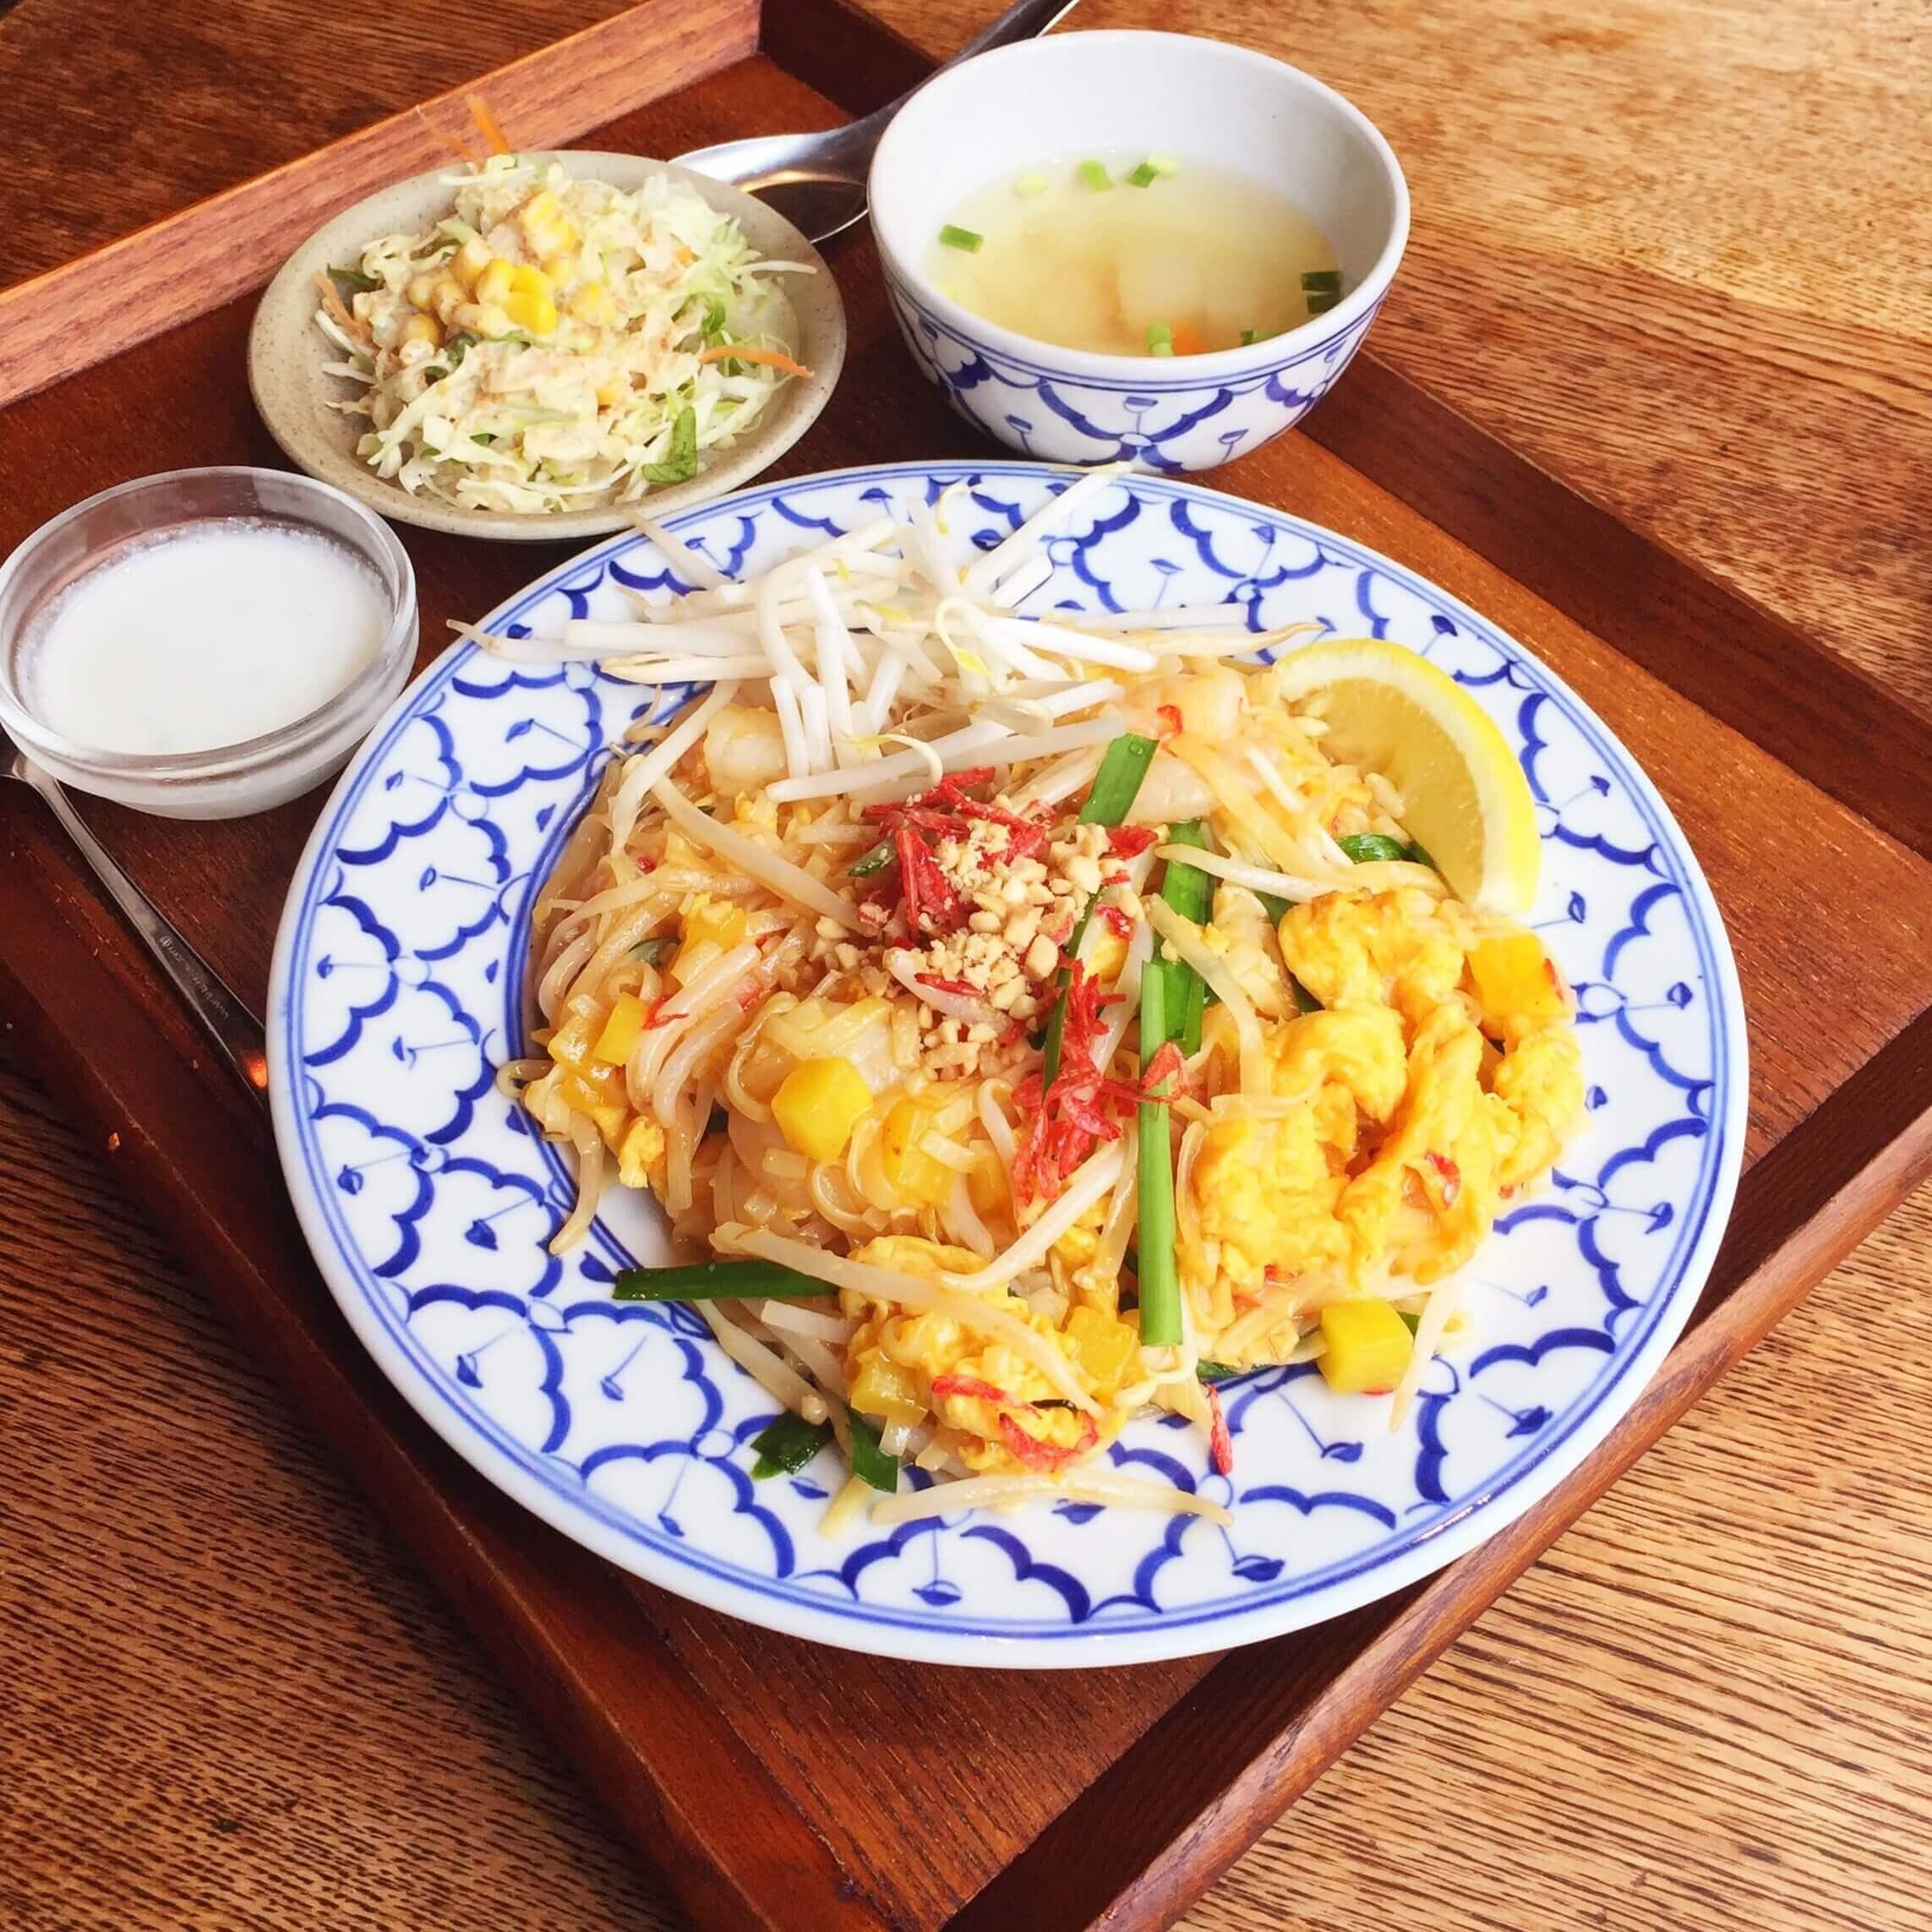 新橋タイ料理バル「タイ象」のランチセット「パッタイ900円」